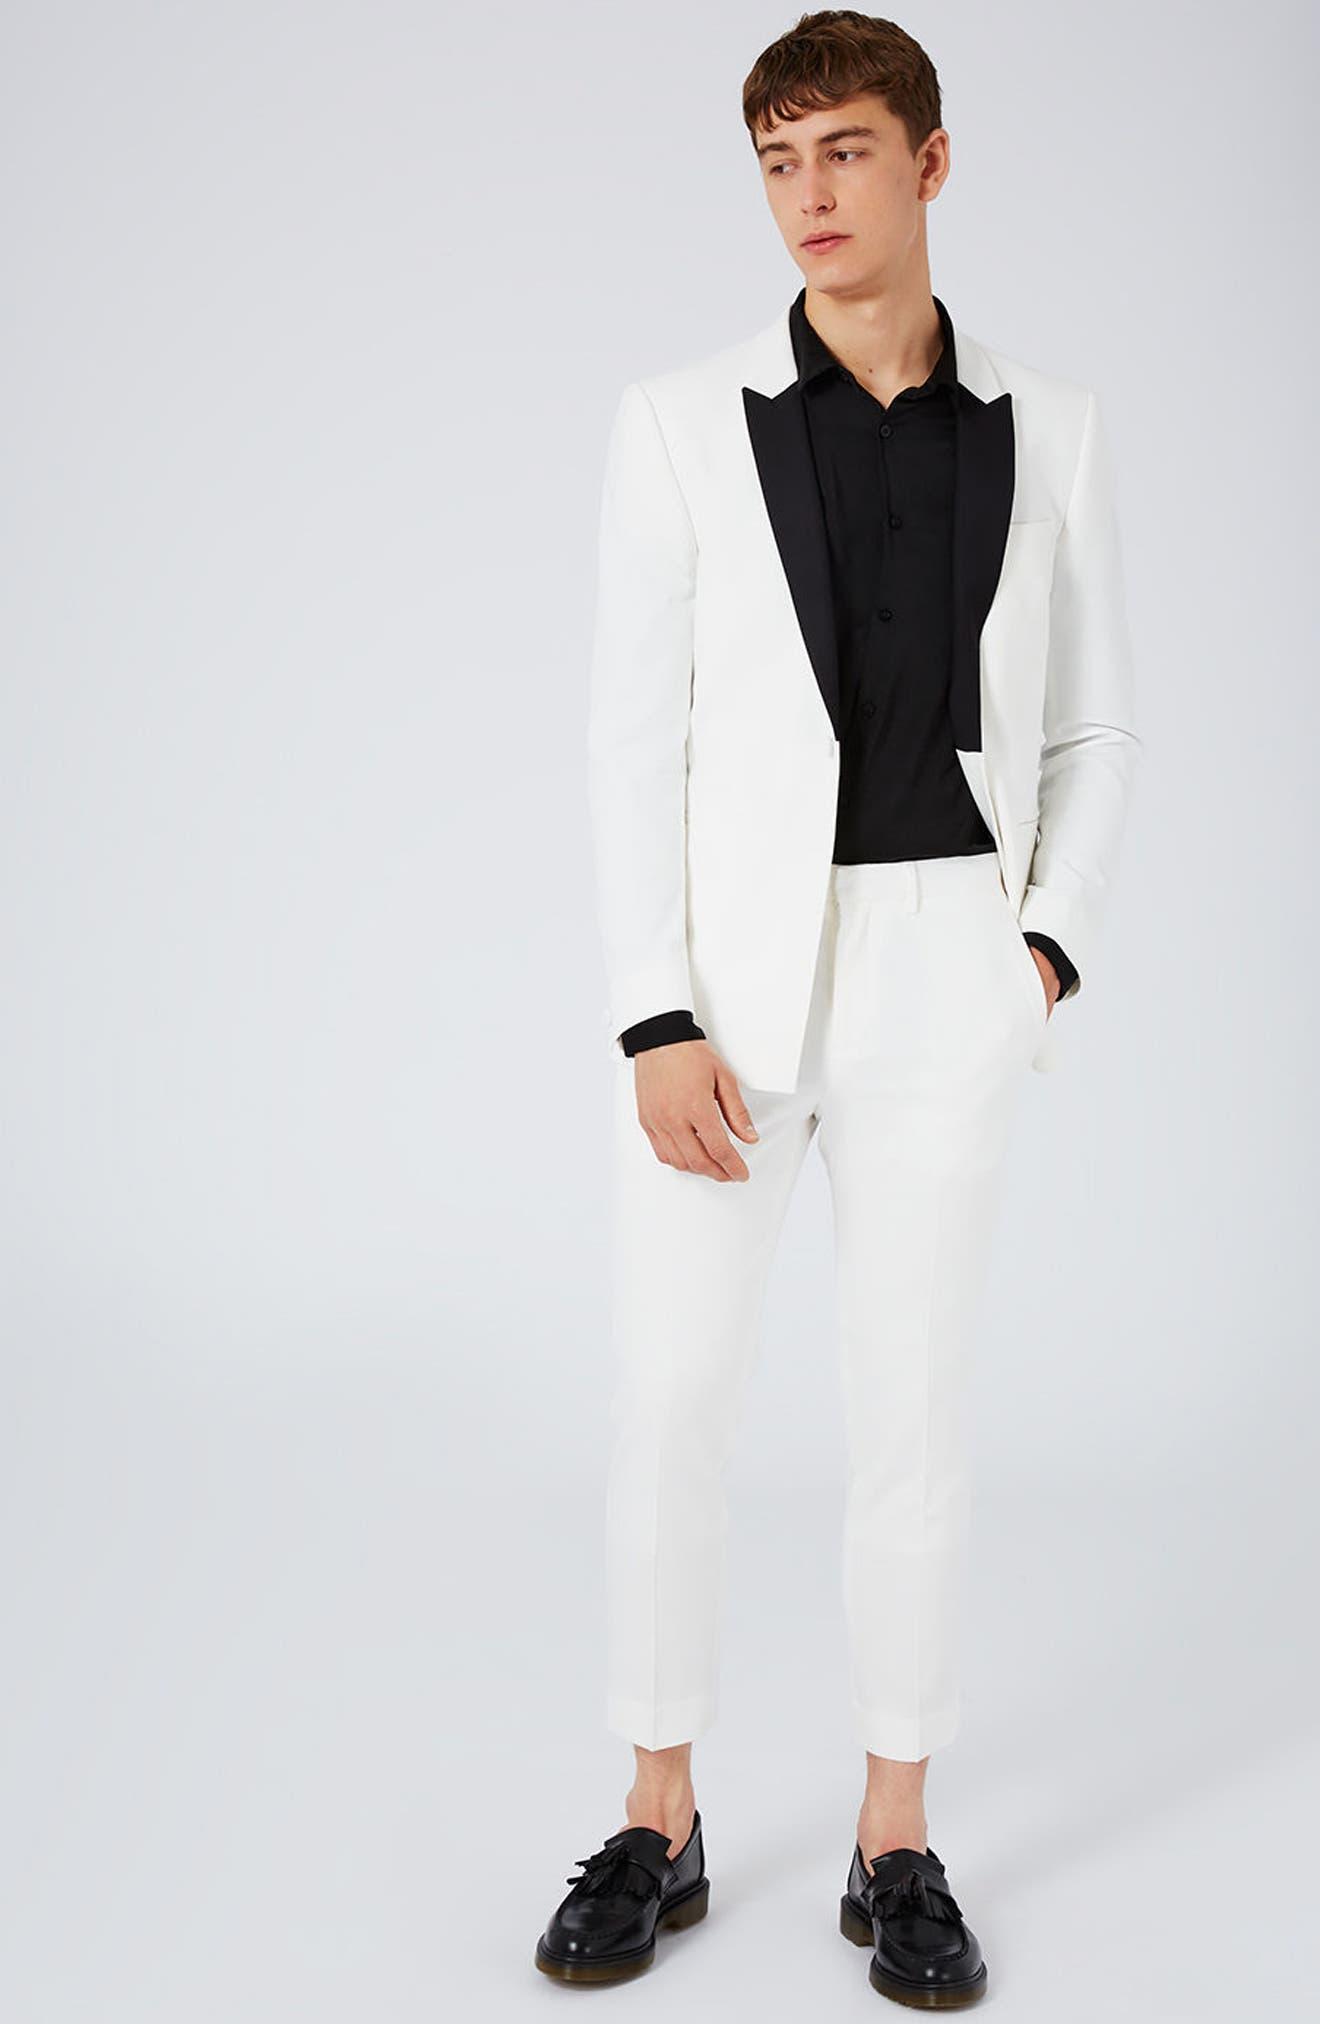 Topman Skinny Fit Tuxedo